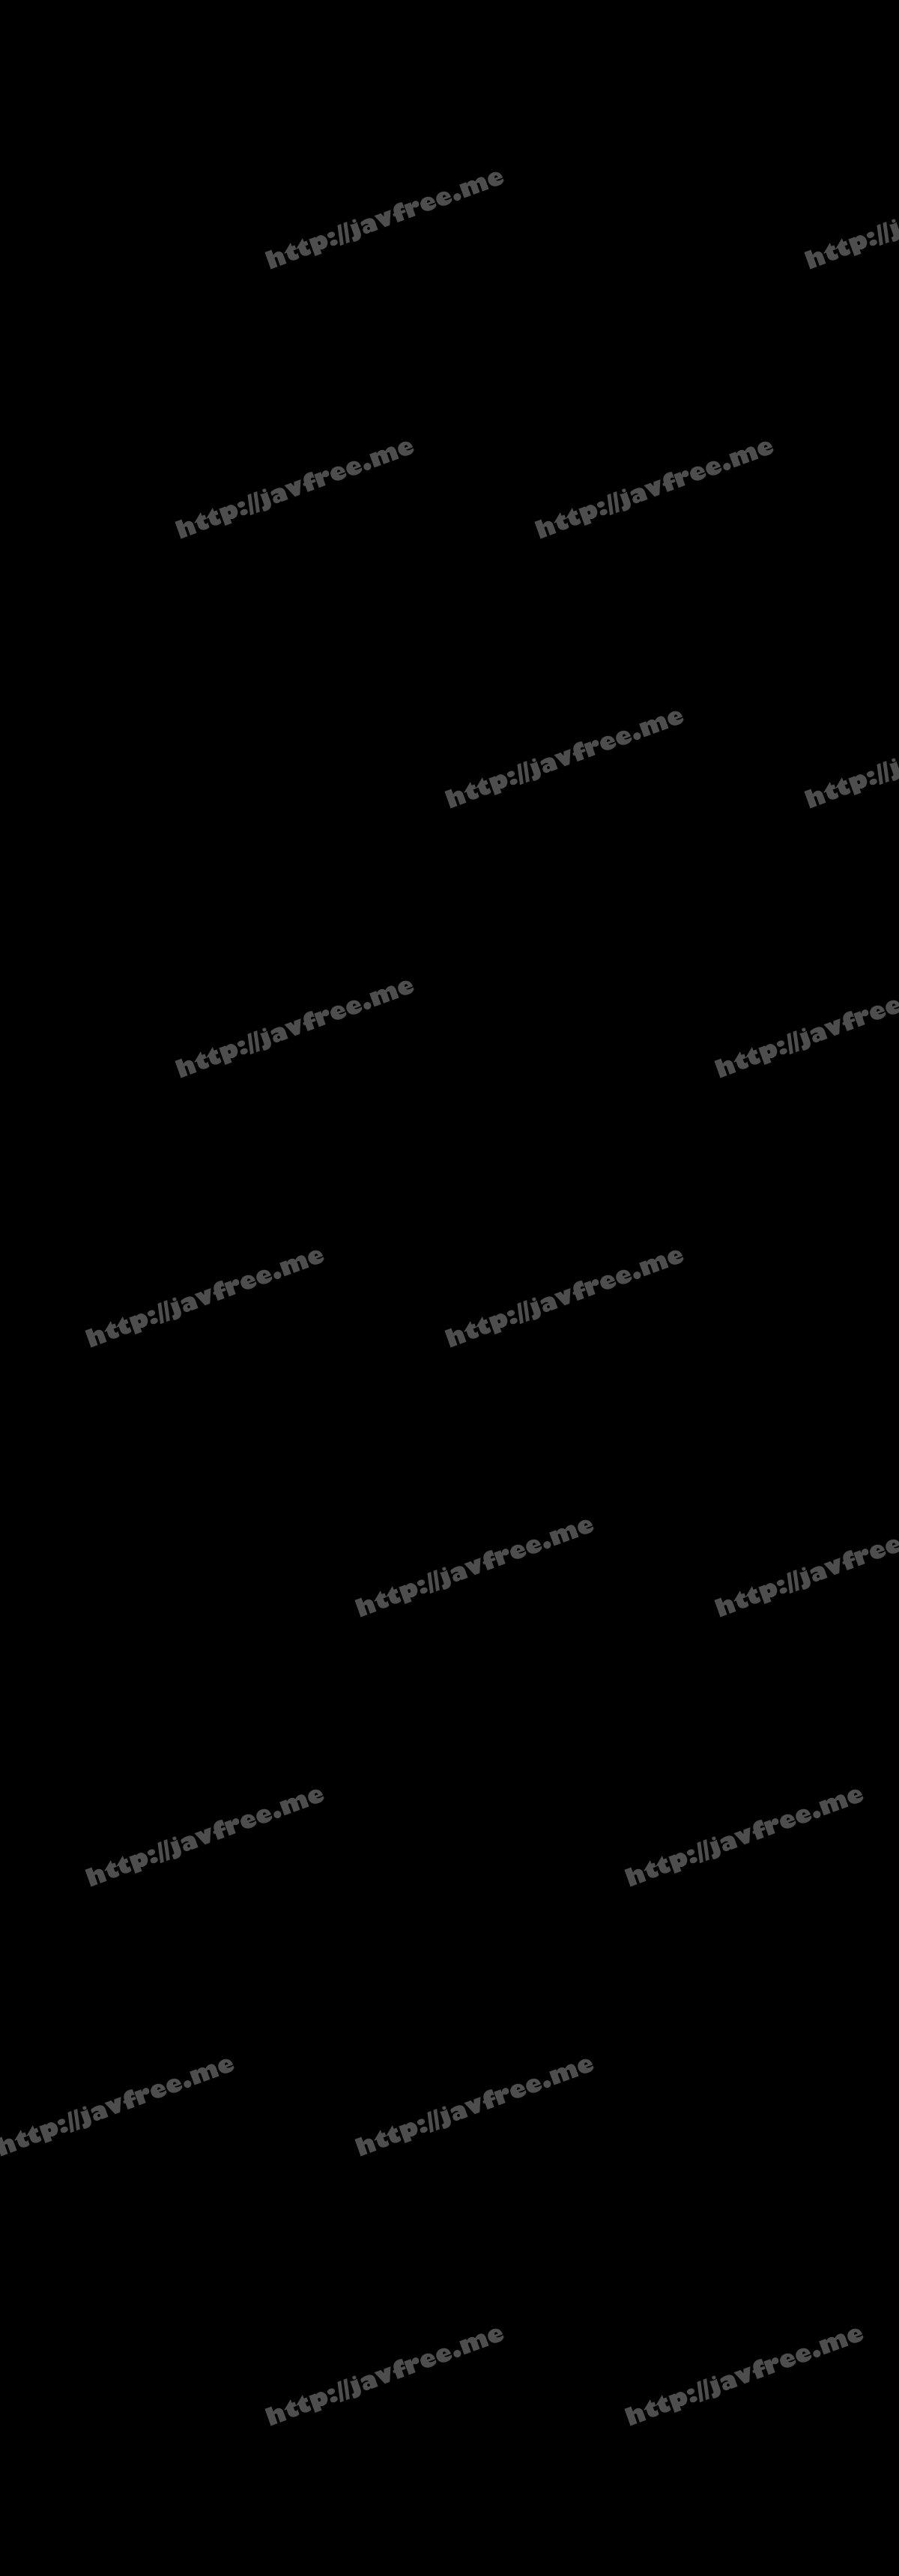 [HD][SSNI-476] 完全固定されて身動きが取れない橋本ありな 腰がガクガク砕けるまでイッてもイッても止めない無限ピストンSEX - image SSNI-476-1080p on https://javfree.me